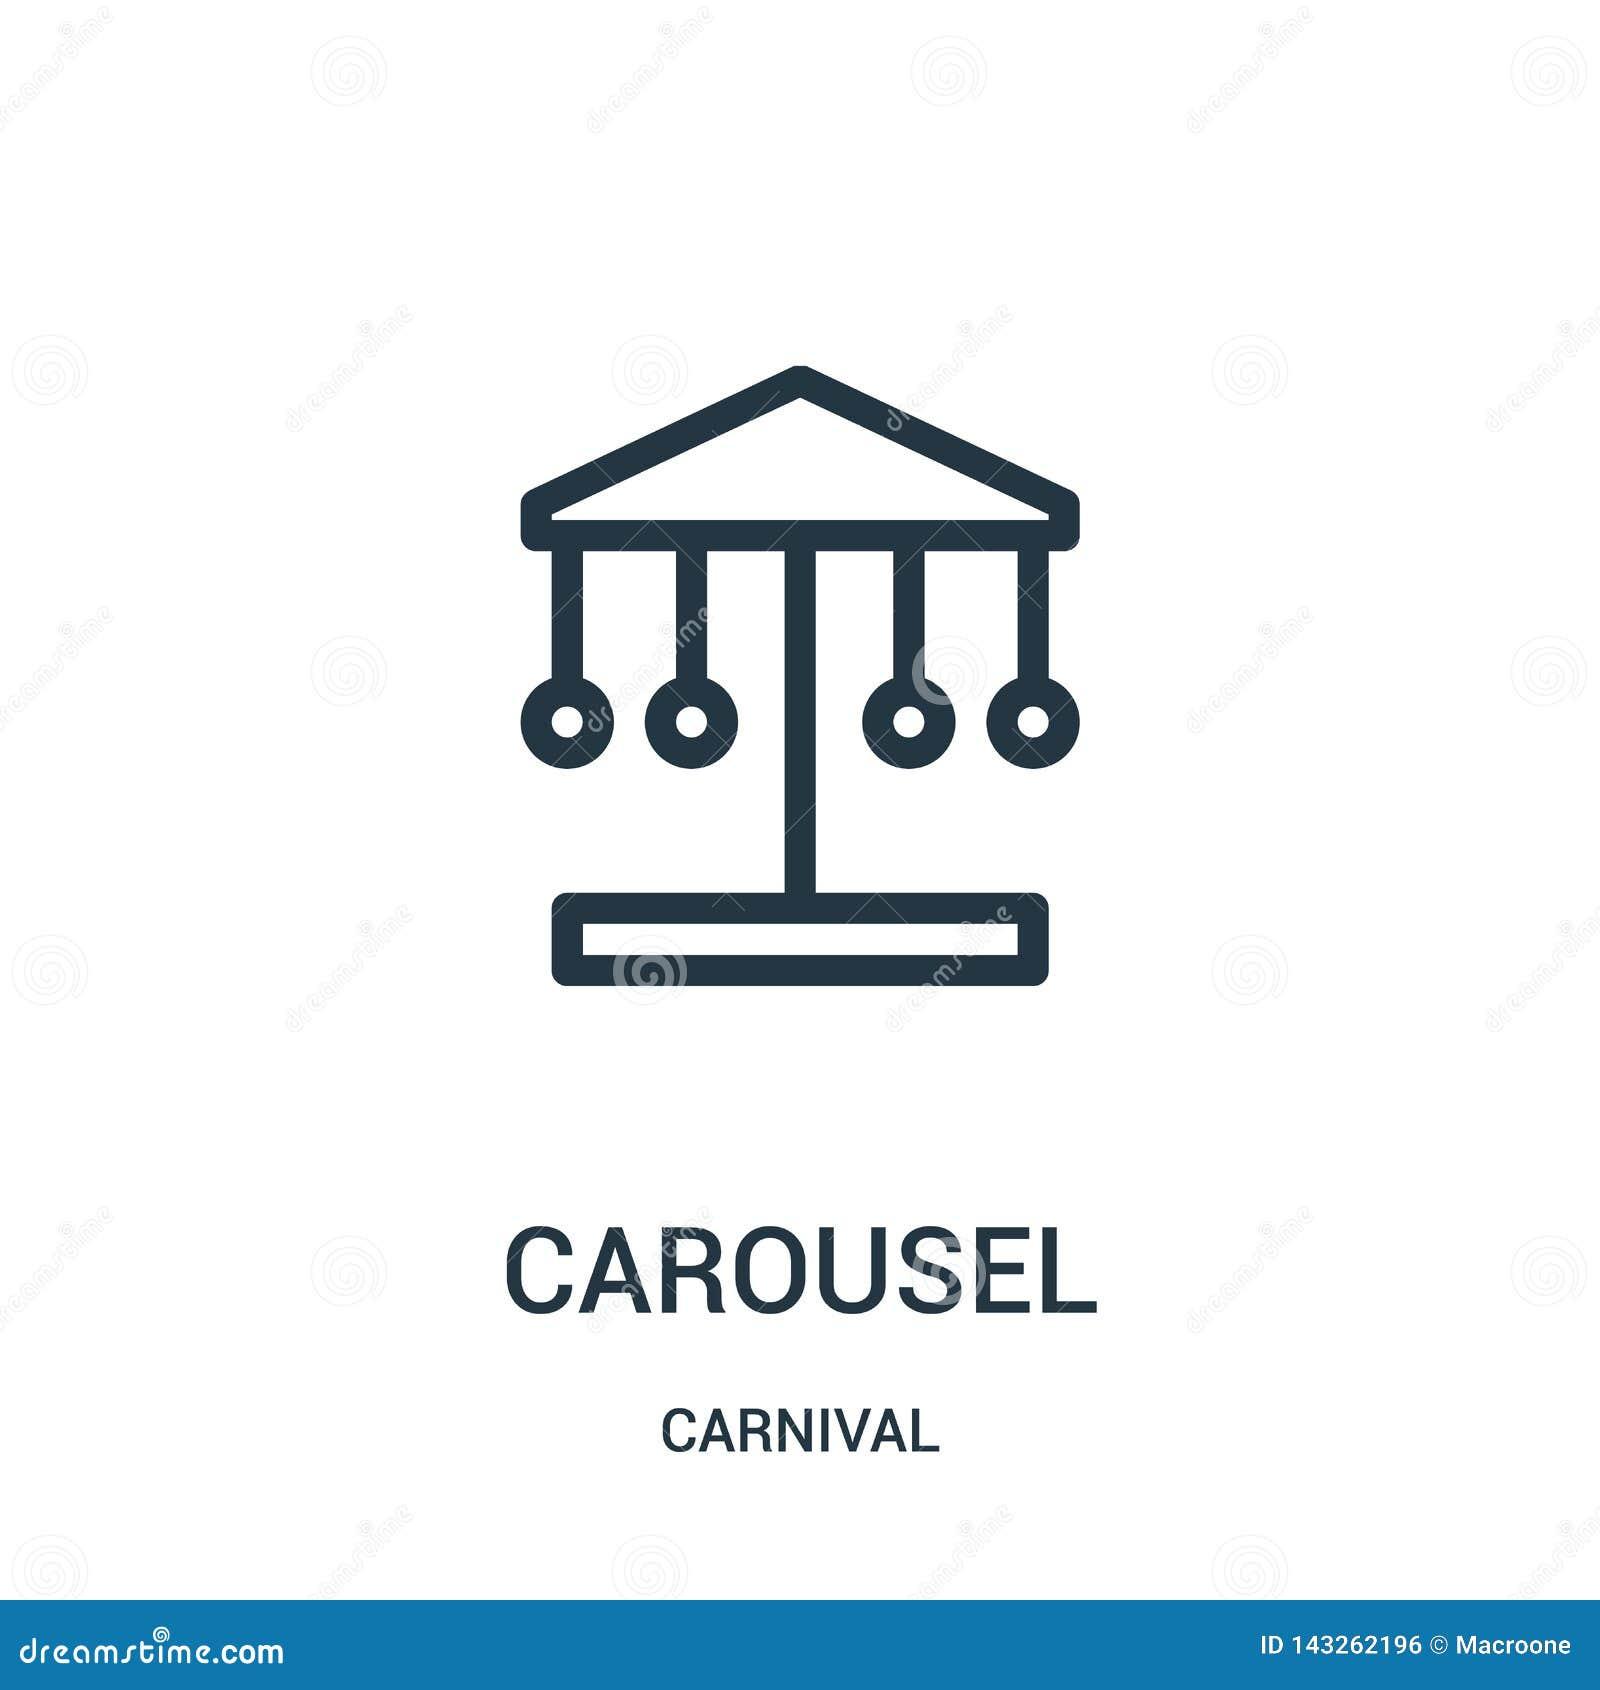 Vector del icono del carrusel de la colecci?n del carnaval L?nea fina ejemplo del vector del icono del esquema del carrusel